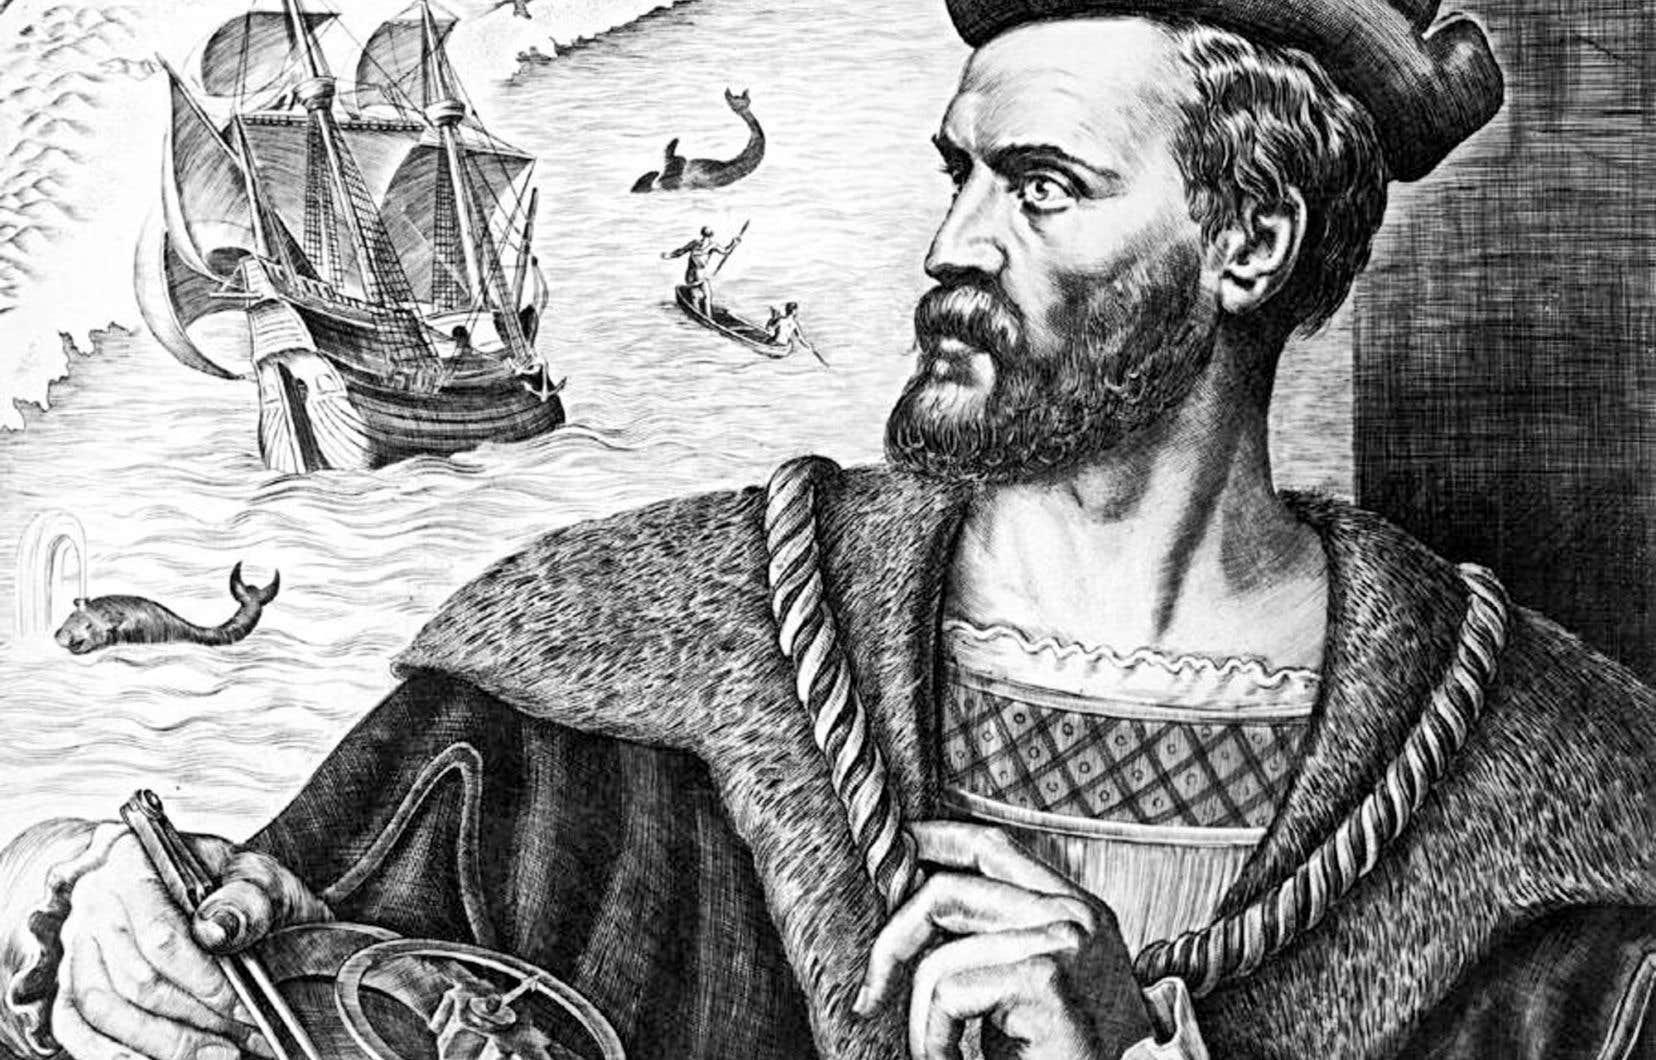 Dans ses écrits, Jacques Cartier désignait le fleuve qu'il avait exploré sous le nom de « grand fleuve de Hochelaga ». C'est seulement à la baie qu'il a donné le nom de Saint-Laurent.